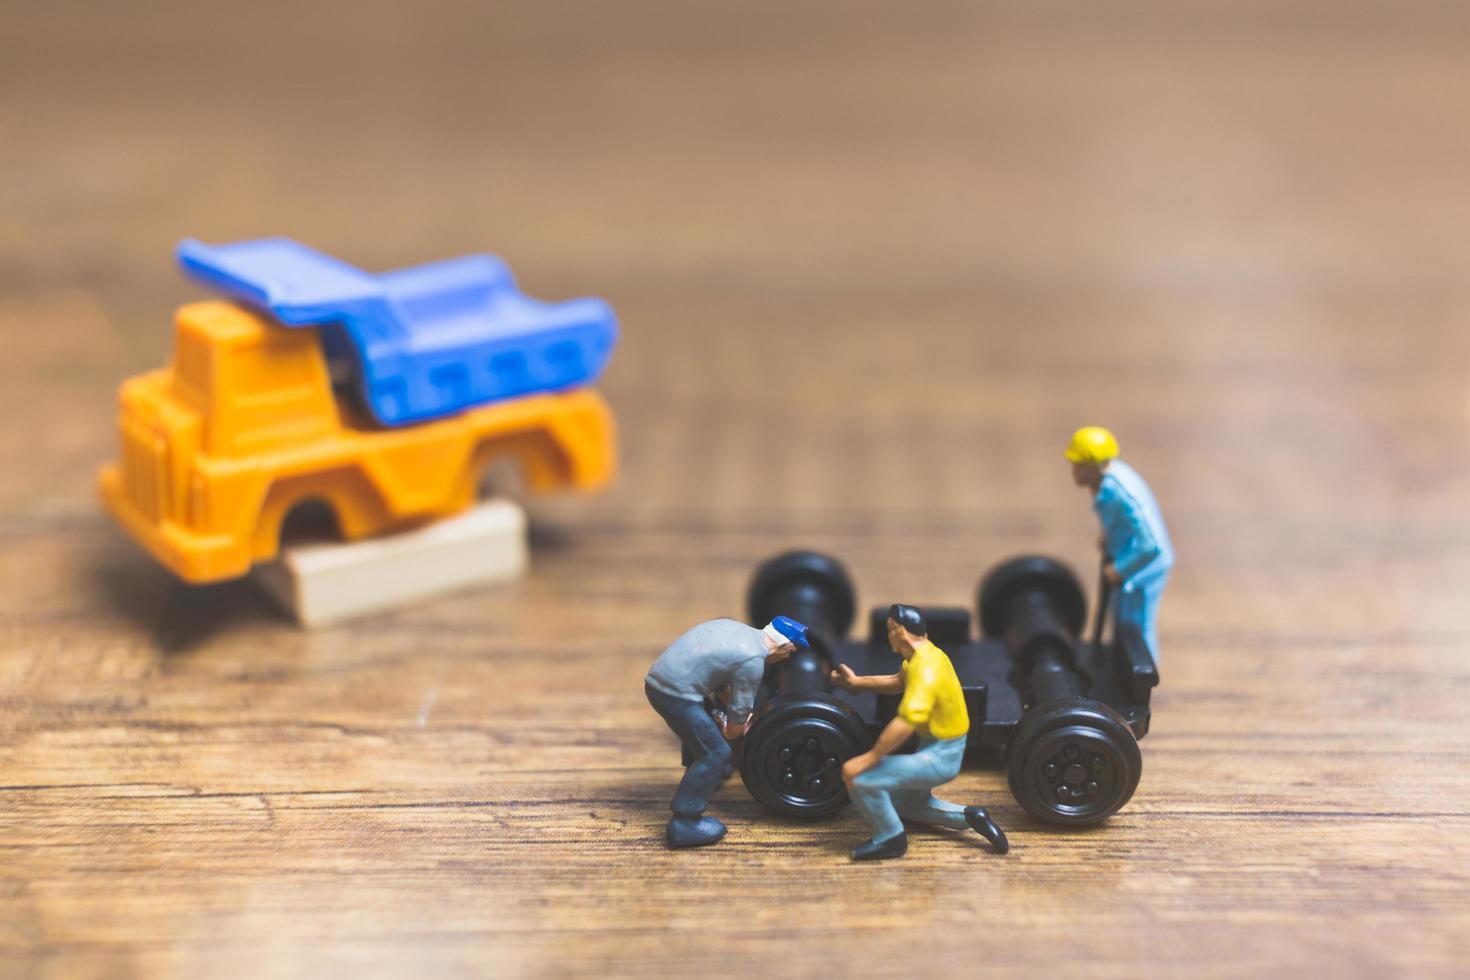 Trabajadores en miniatura reparando una rueda de un camión sobre un fondo de madera foto